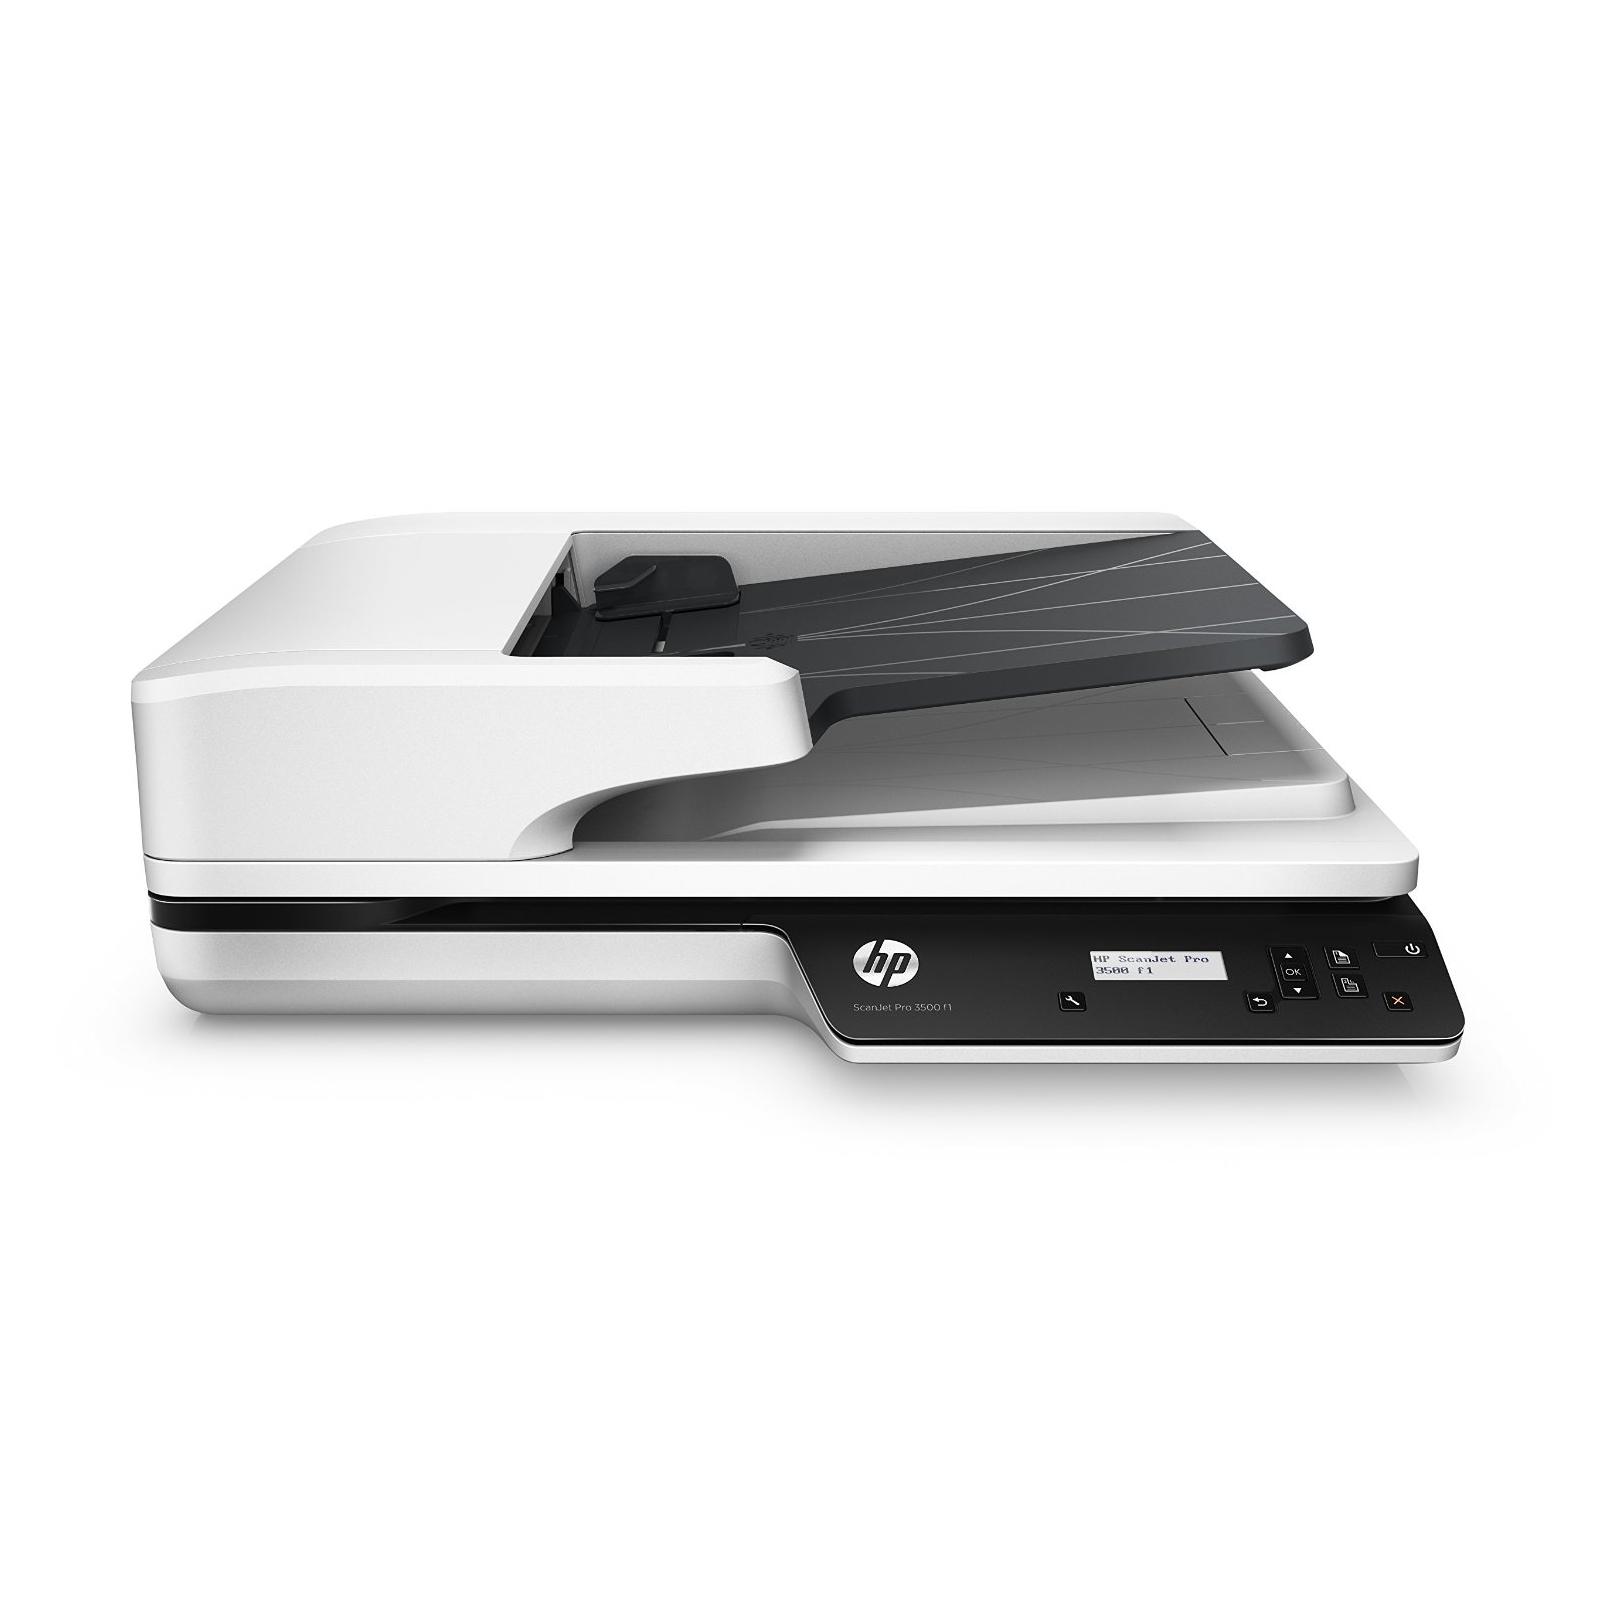 Сканер HP Scan Jet Pro 3500 f1 (L2741A) изображение 2